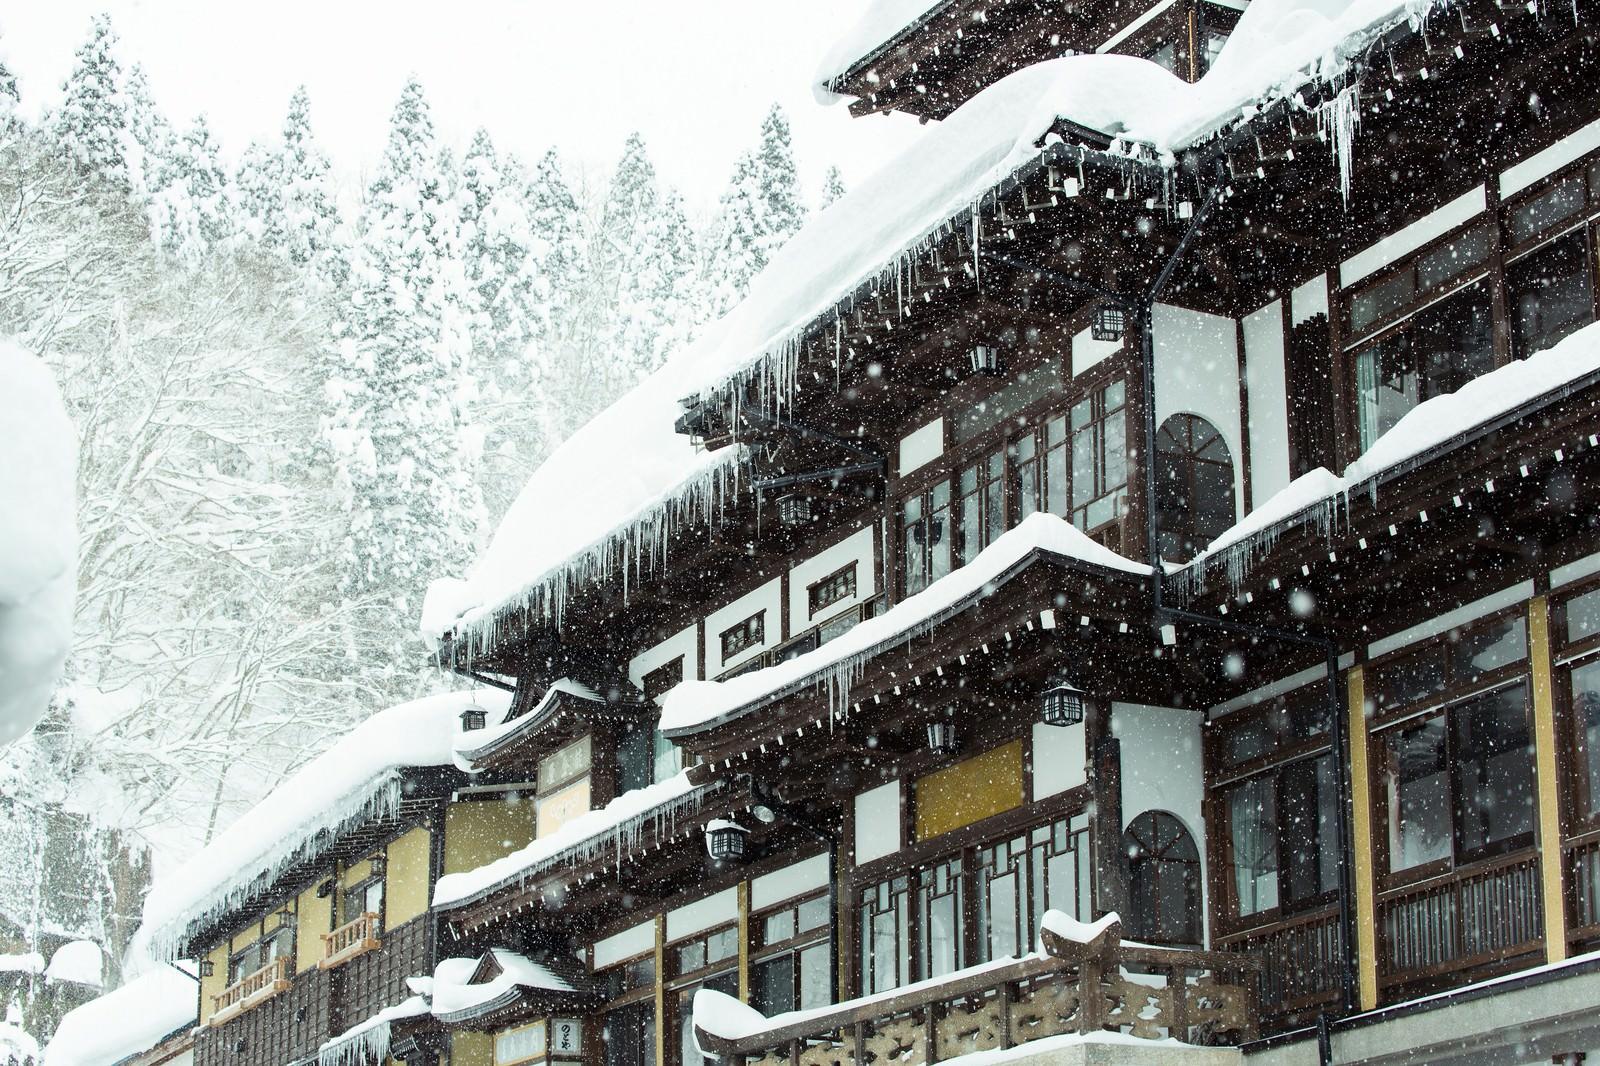 「ひどく降り積もった雪と銀山温泉宿」の写真